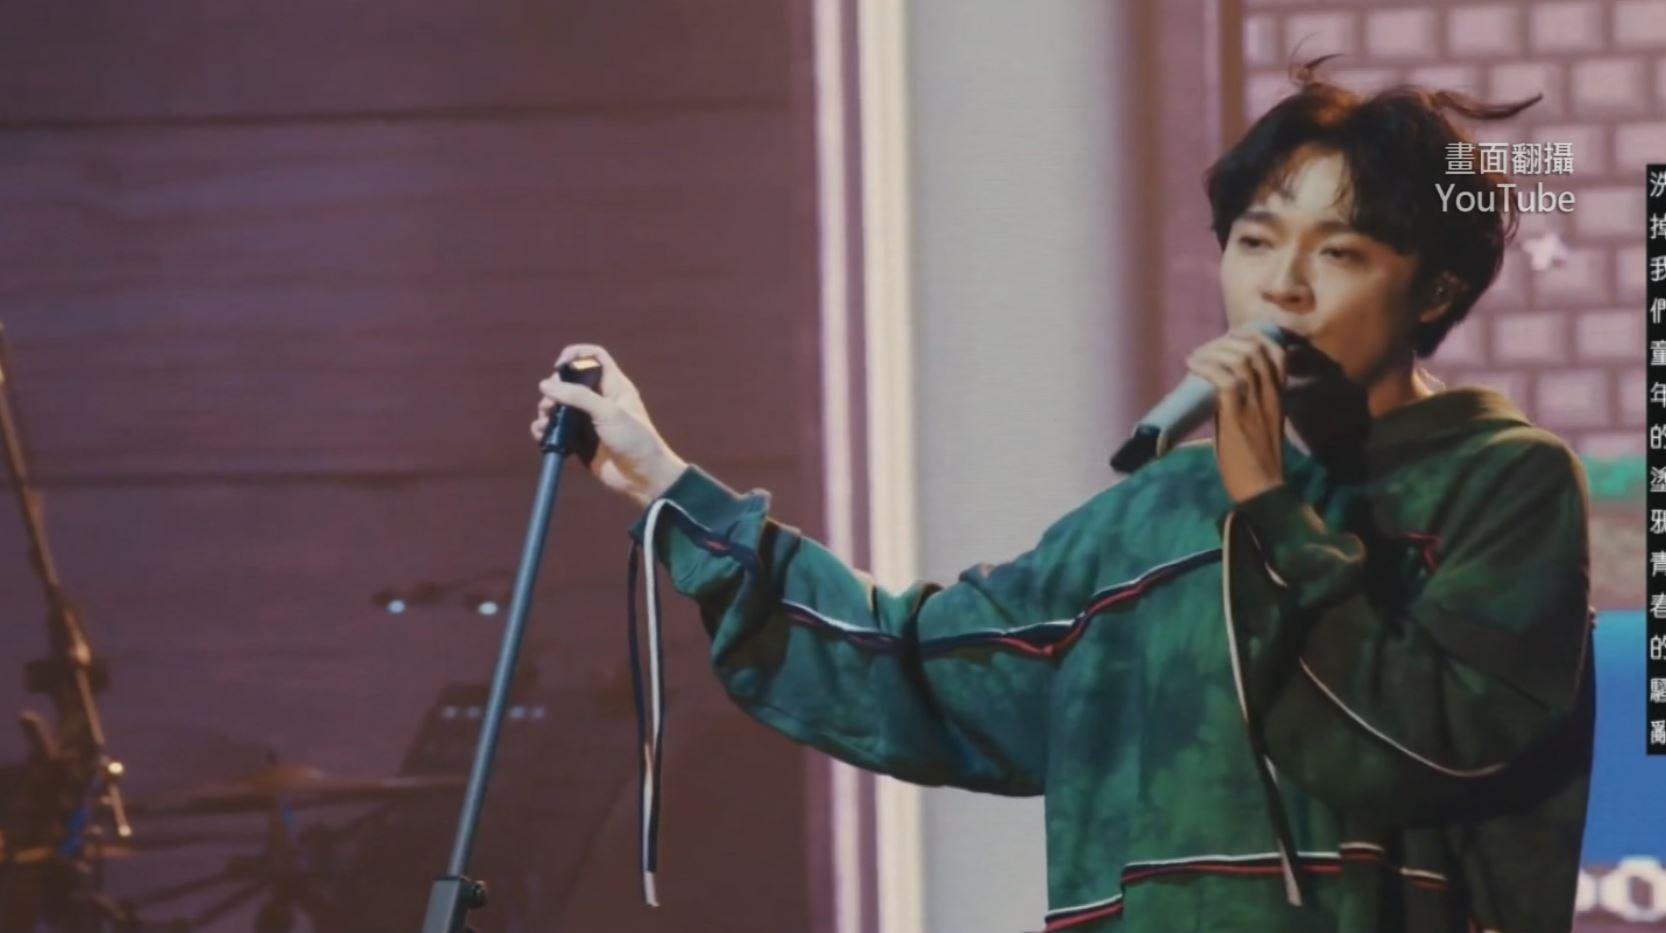 青峰「線上音樂會」夯! YouTube破2萬人同時在線